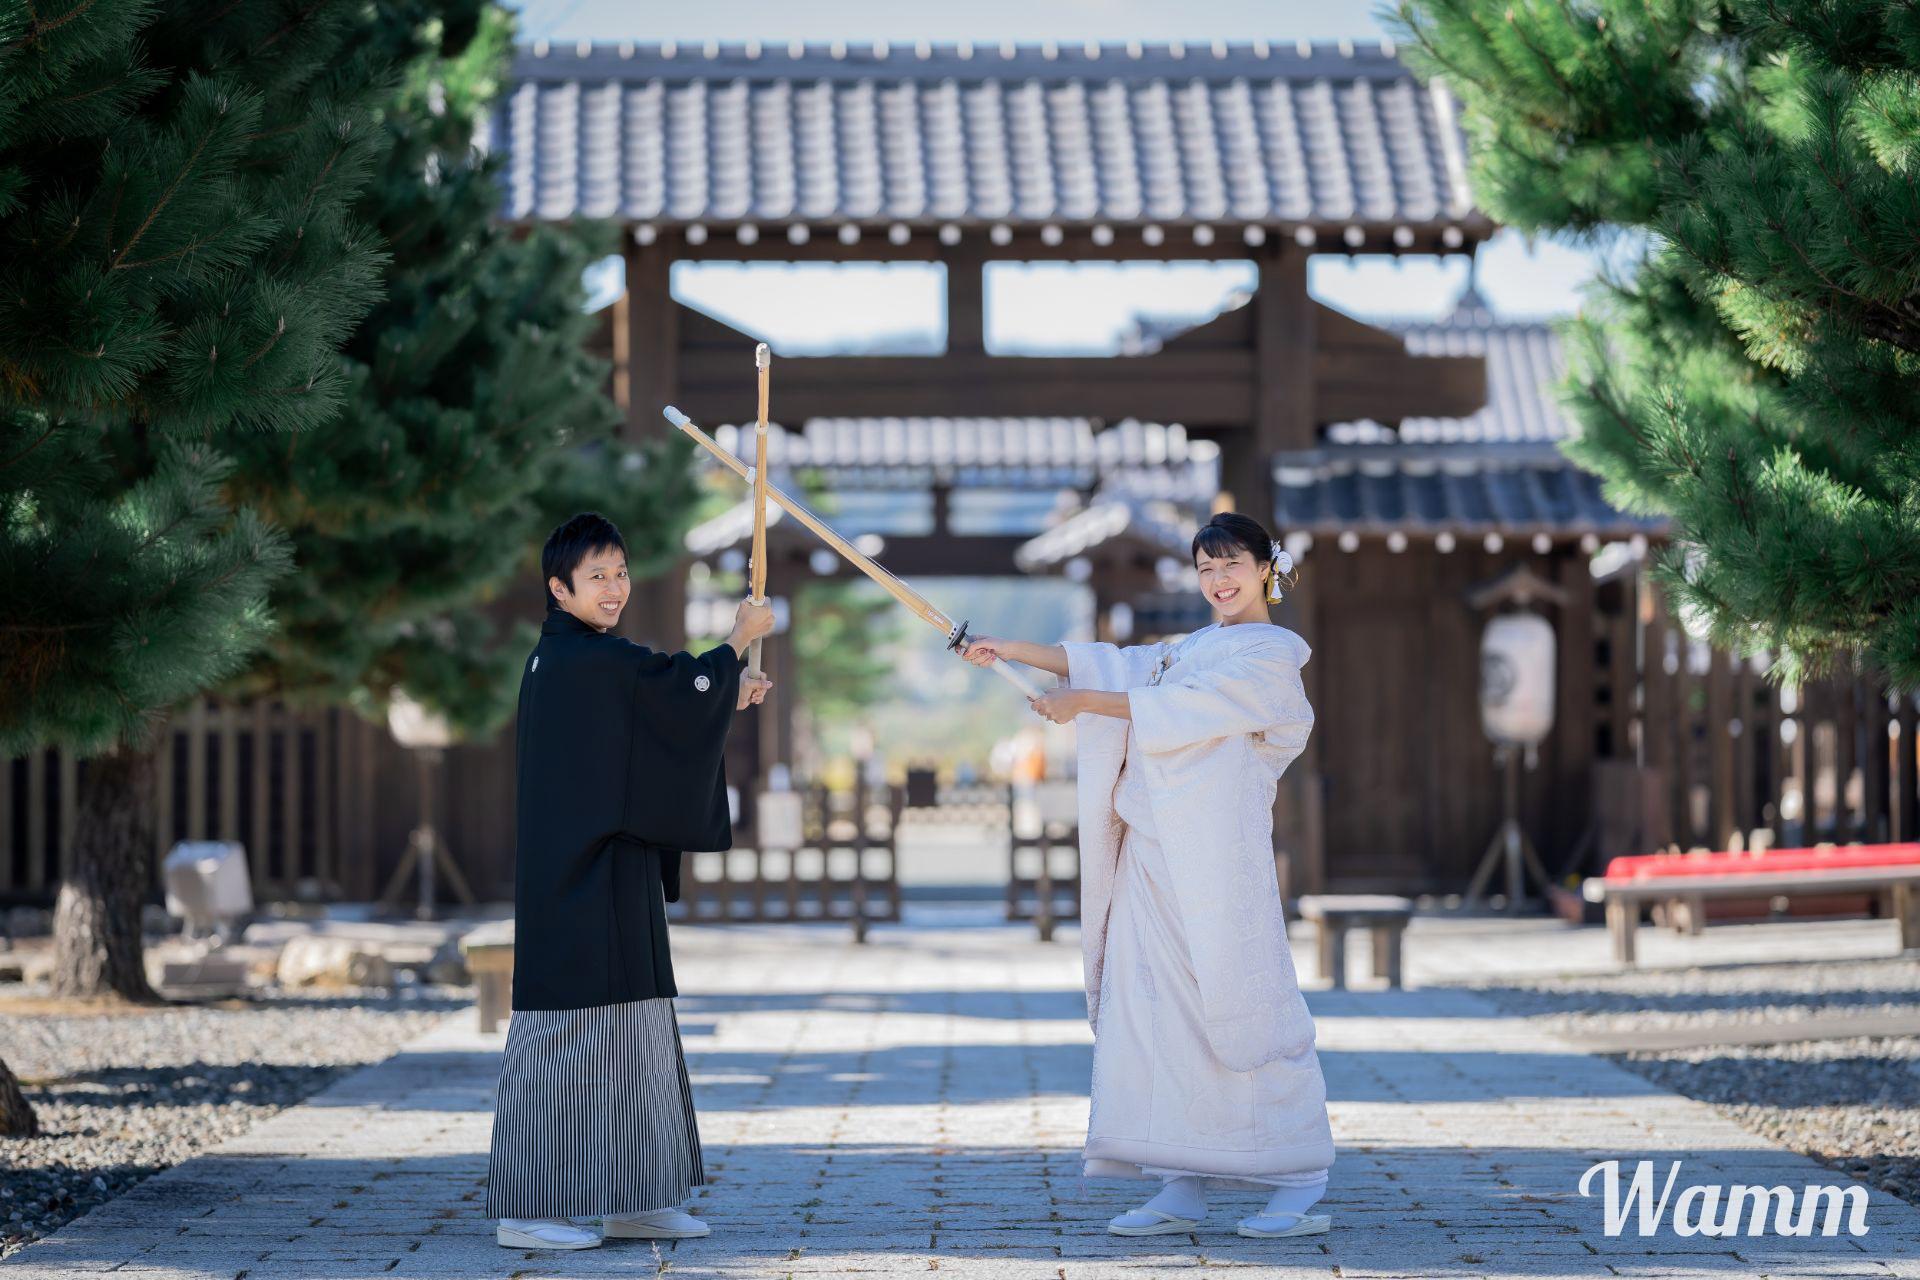 【浜松・気賀関所】江戸時代にタイムスリップ?映画のセットのようなロケーションで撮影しませんか?